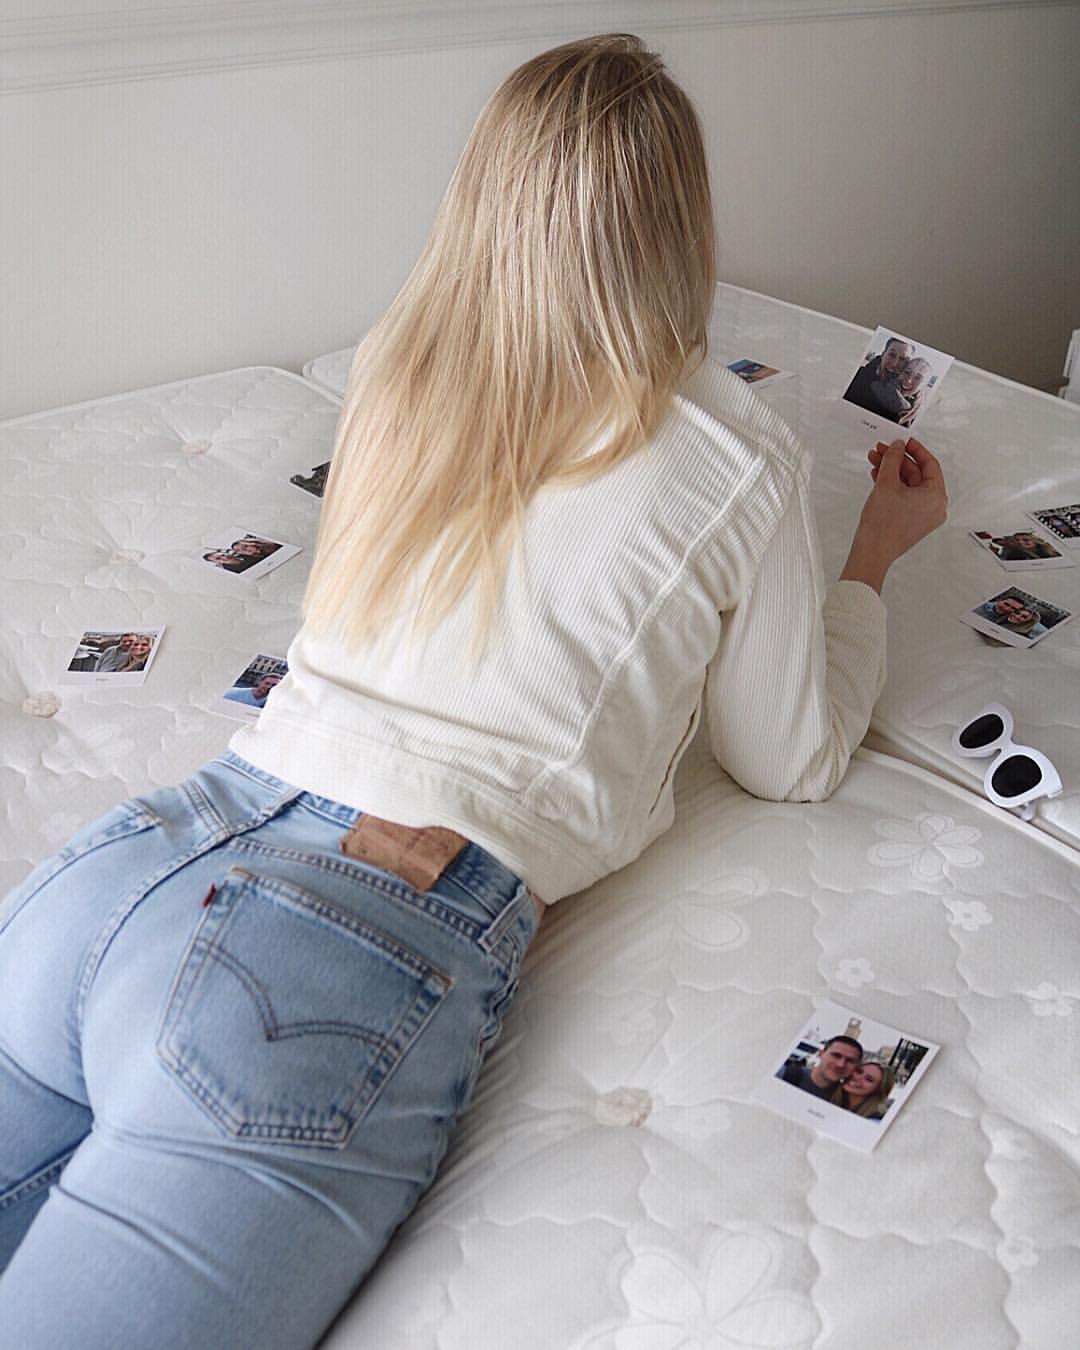 Teens sleeping in jeans east girl sex